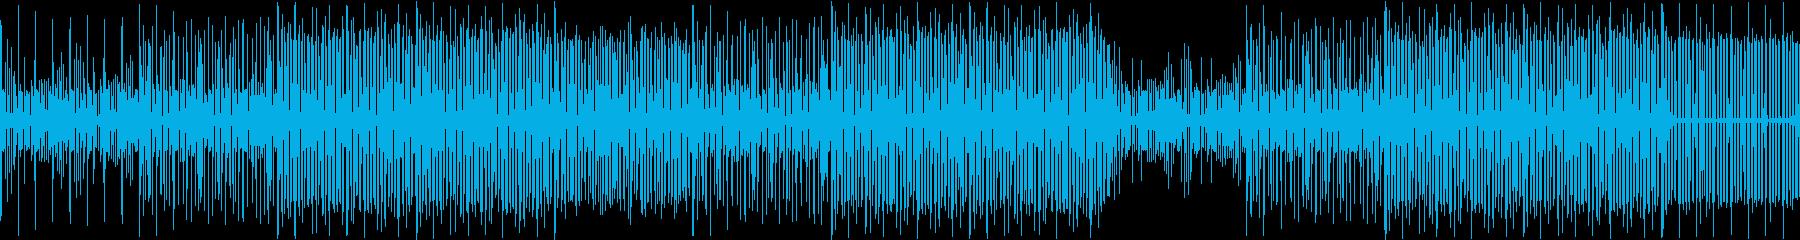 ヒップホップ。ラウンジ。の再生済みの波形